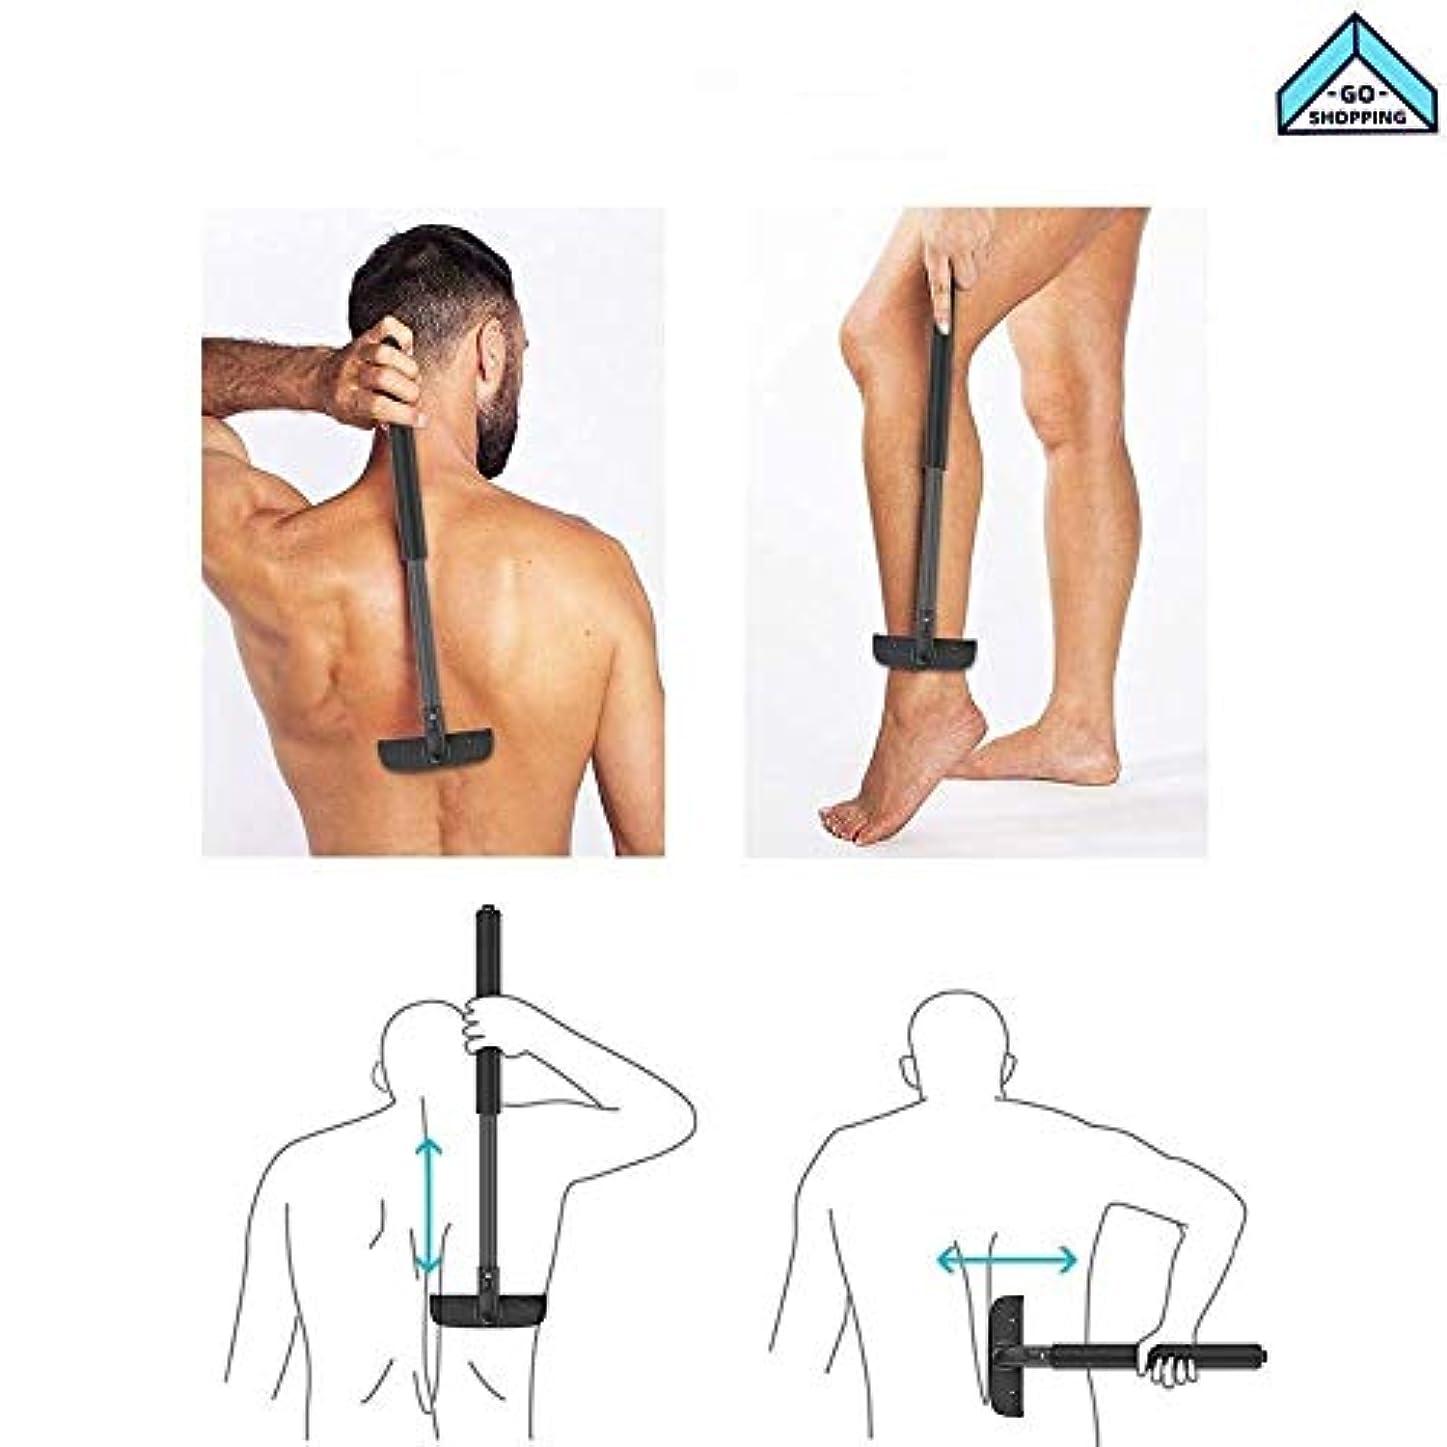 世界の窓規定愛情NICEE拡張可能なハンドルの痛みのないひげを剃った男性のための背中の脱毛使いやすい乾湿両方の背中の脱毛剤